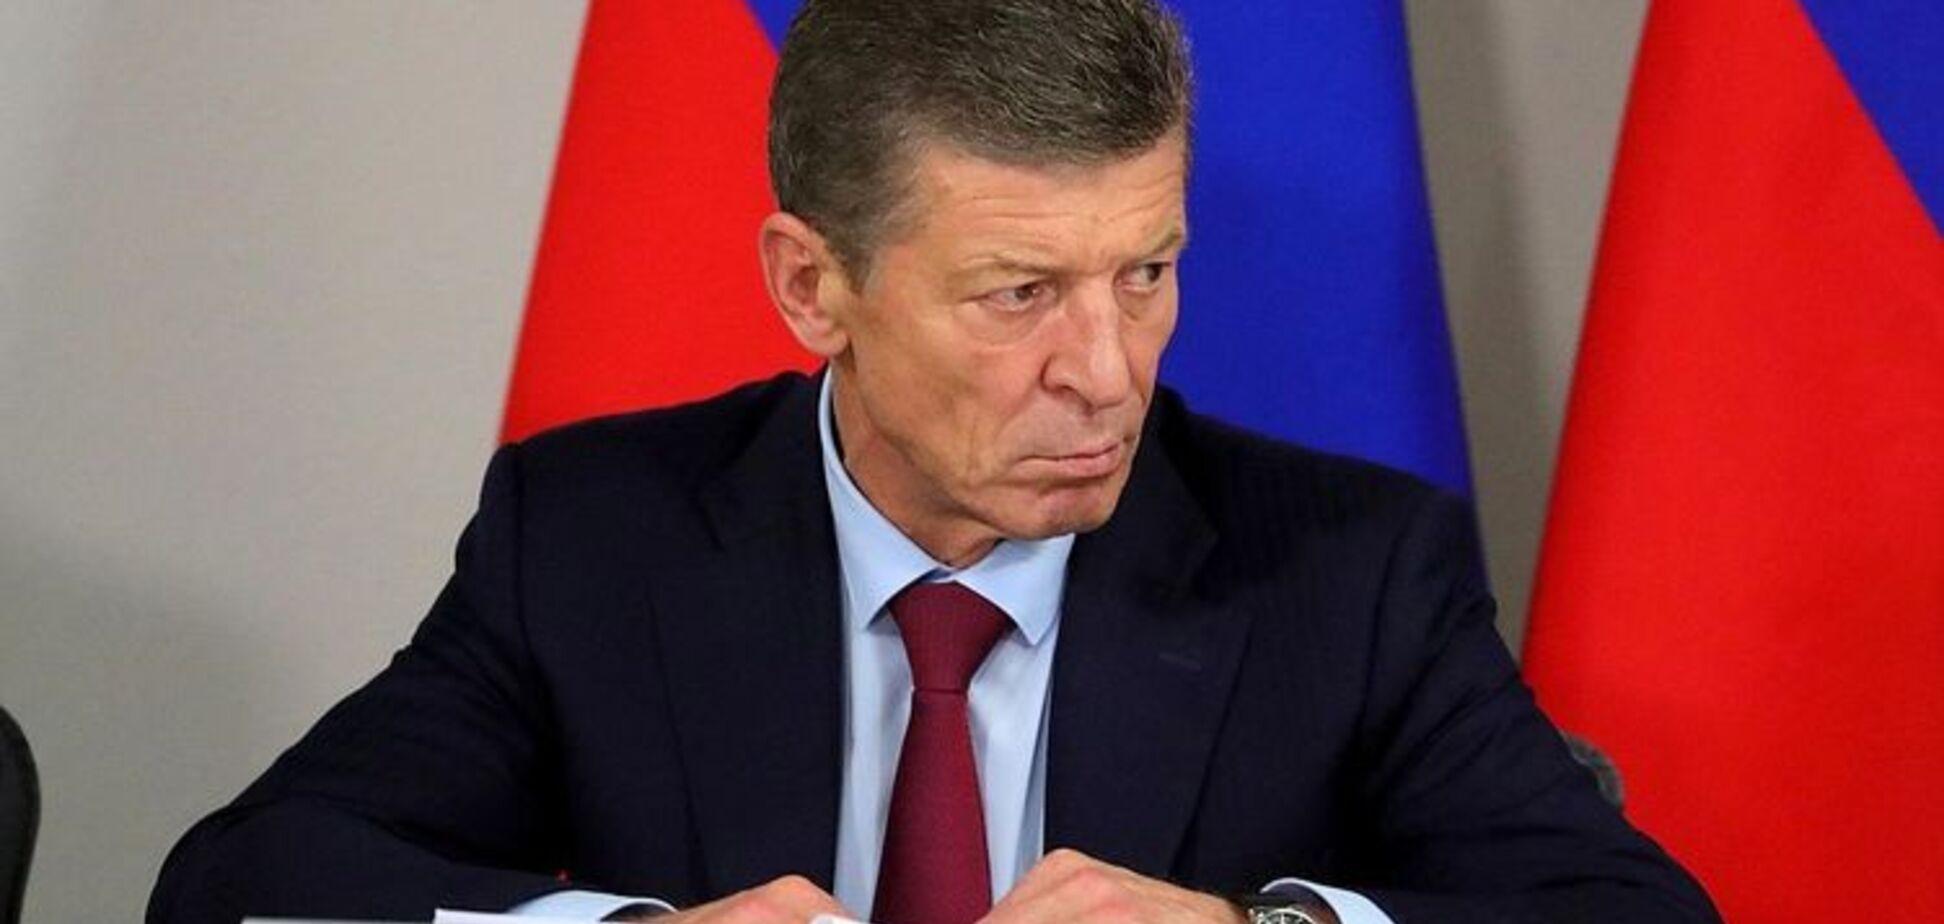 У Путіна офіційно озвучили ім'я 'куратора' терористів на Донбасі